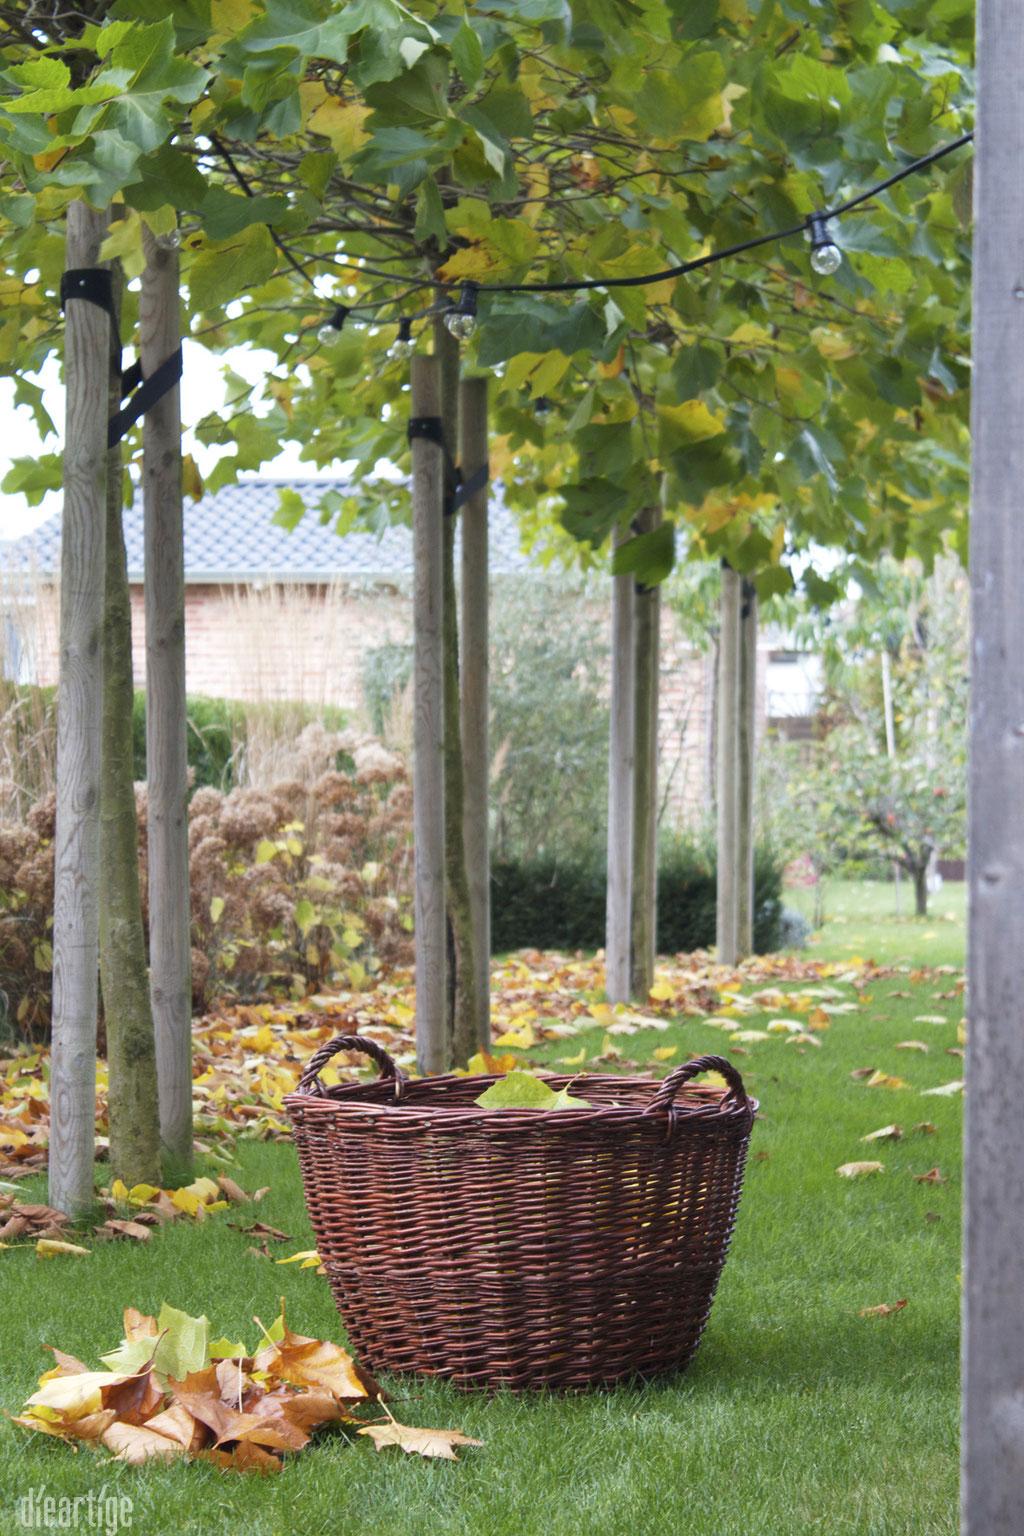 dieartigeBLOG - Kiepe+Herbstlaub = hygge